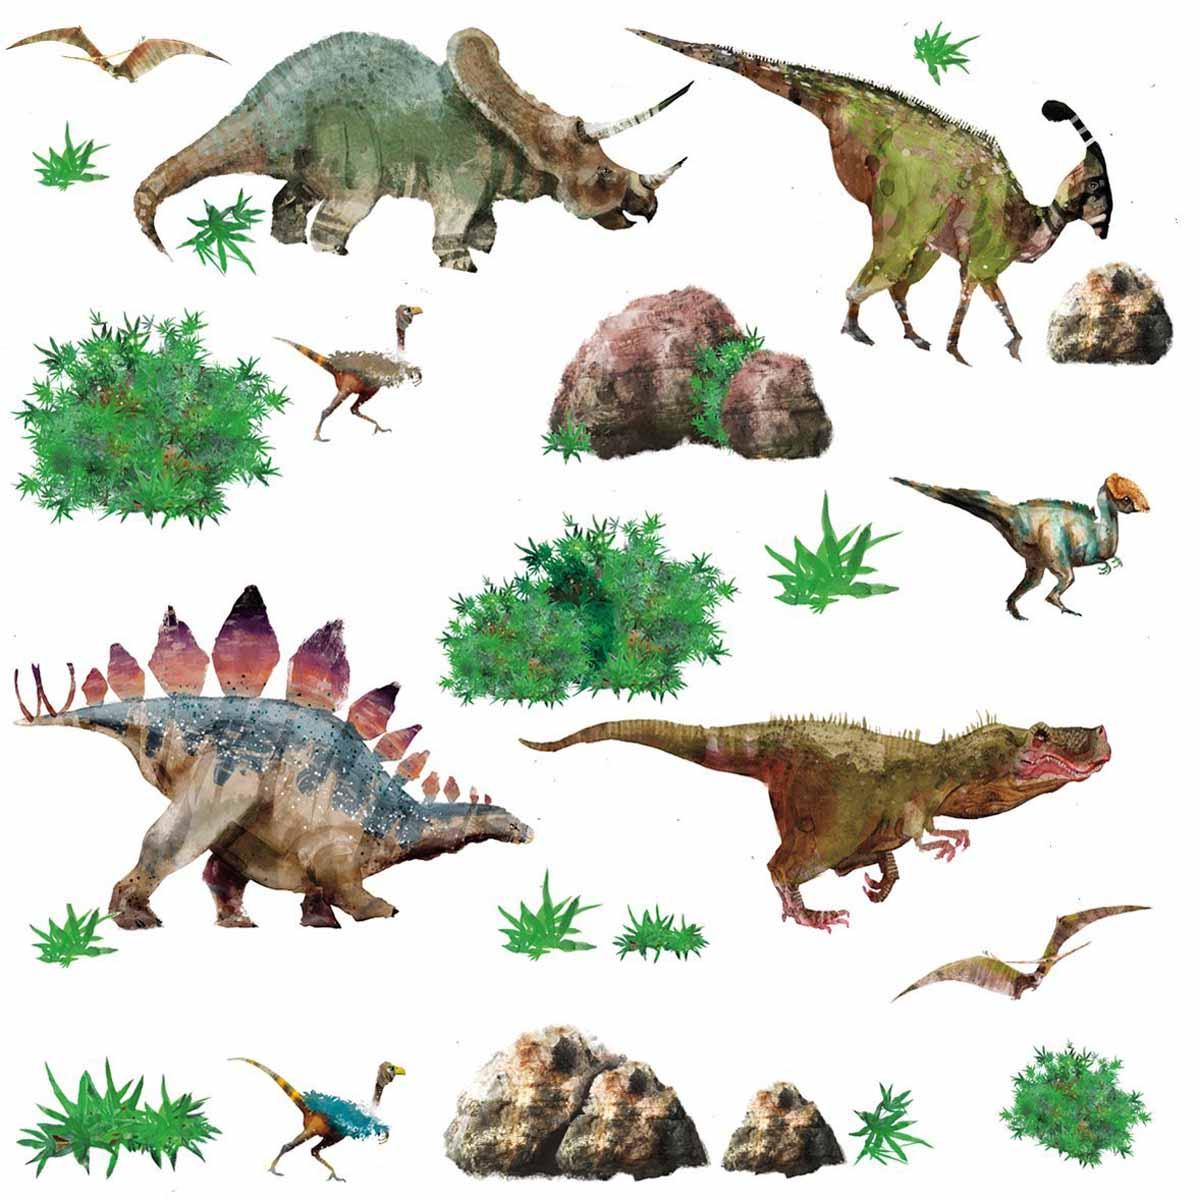 RoomMates Наклейки для декора ДинозаврыRMK1882SCSНаклейки для декора Динозавры от знаменитого производителя RoomMates станут украшением вашей квартиры! Новый увлекательный набор наклеек для декора приведет в восторг маленьких любителей палеонтологии! Наклейки, входящие в набор, содержат изображения различных динозавров, а также растений, окружающих их. Всего в наборе 25 стикеров. Наклейки не нужно вырезать - их следует просто отсоединить от защитного слоя и поместить на стену или любую другую плоскую гладкую поверхность. Наклейки многоразовые: их легко переклеивать и снимать со стены, они не оставляют липких следов на поверхности. В каждой индивидуальной упаковке вы можете найти 4 листа с различными наклейками! Таким образом, покупая наклейки фирмы RoomMates, вы получаете гораздо больший ассортимент наклеек, имея возможность украсить ими различные поверхности в доме.